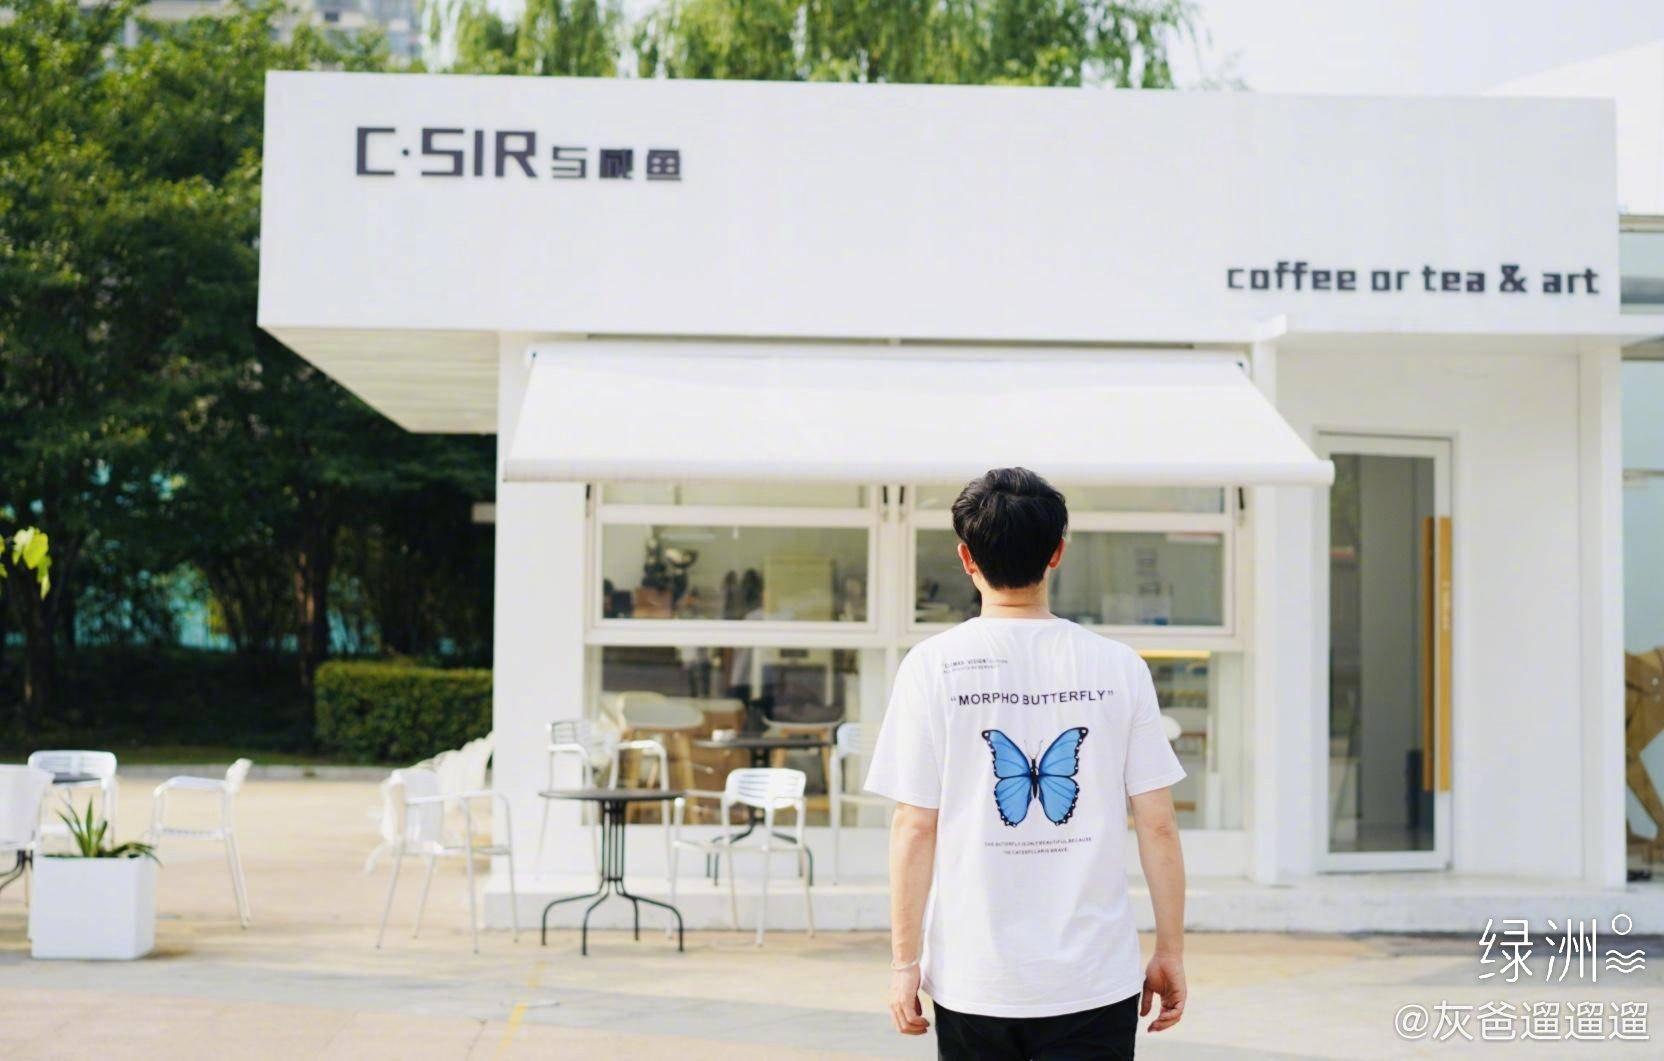 打卡大松江的网红咖啡店三湘四季广场有了人民广场的feel